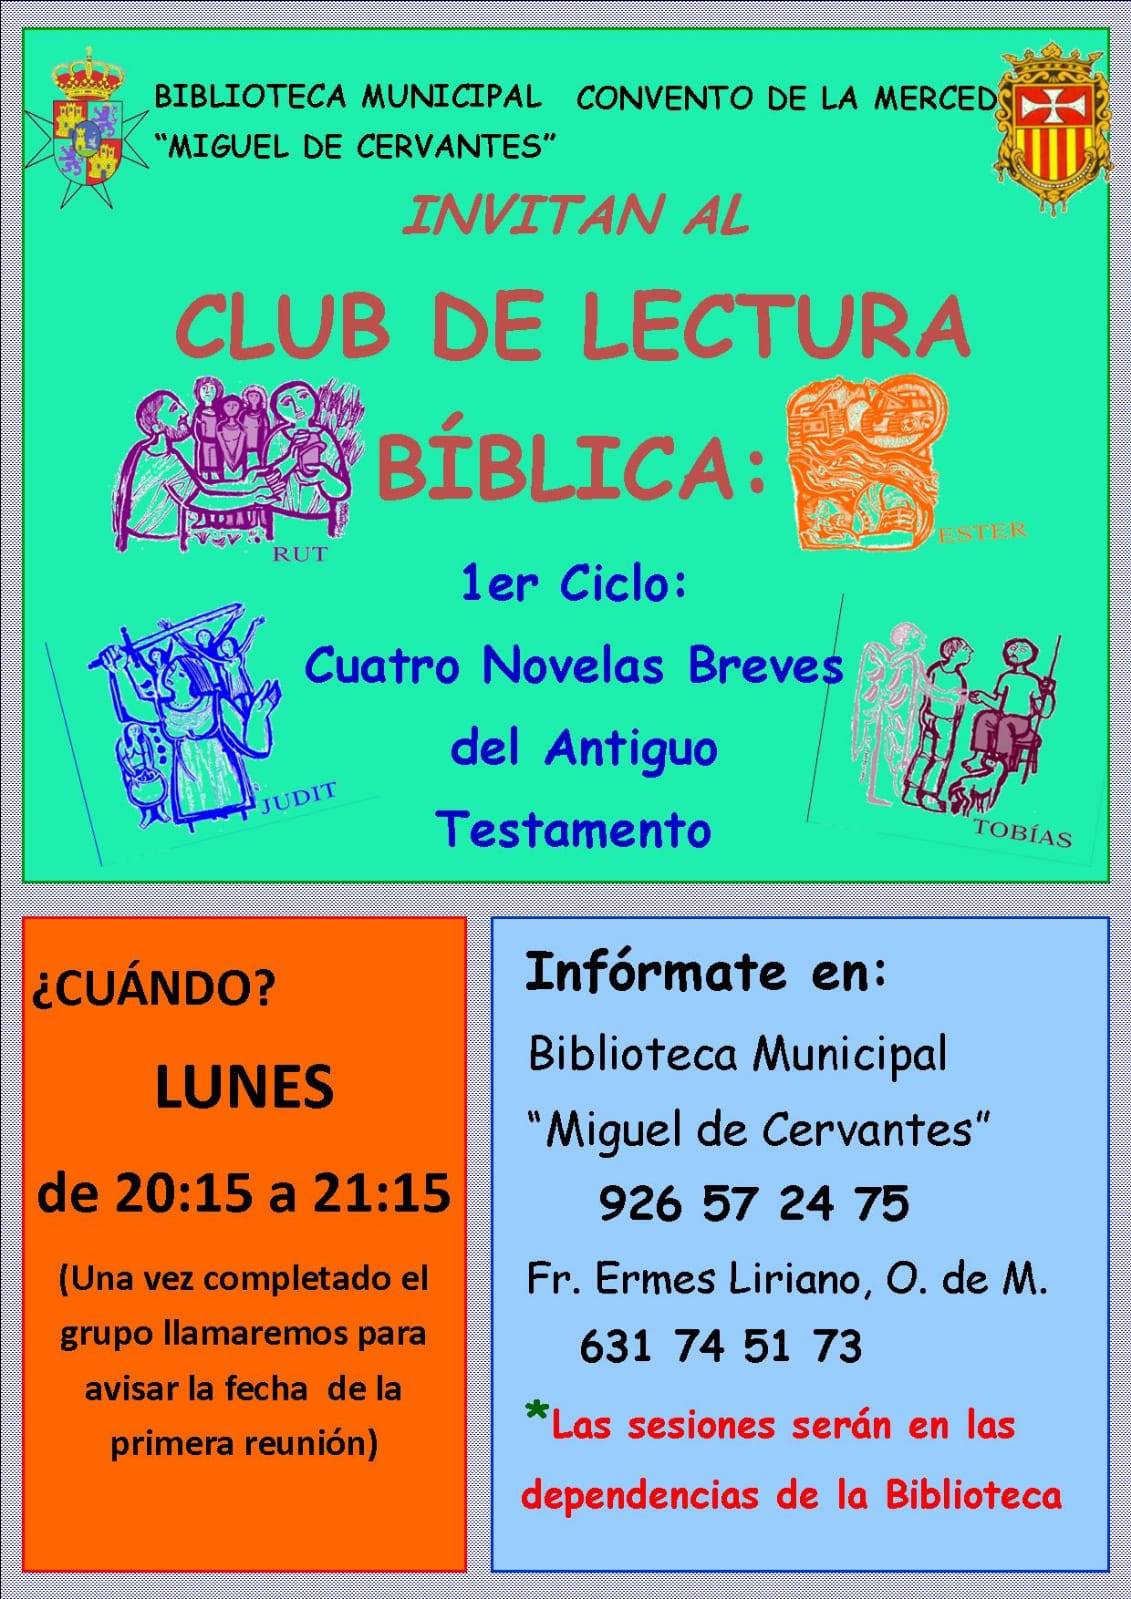 Abierta la inscripción para un nuevo club de lectura bíblica 3